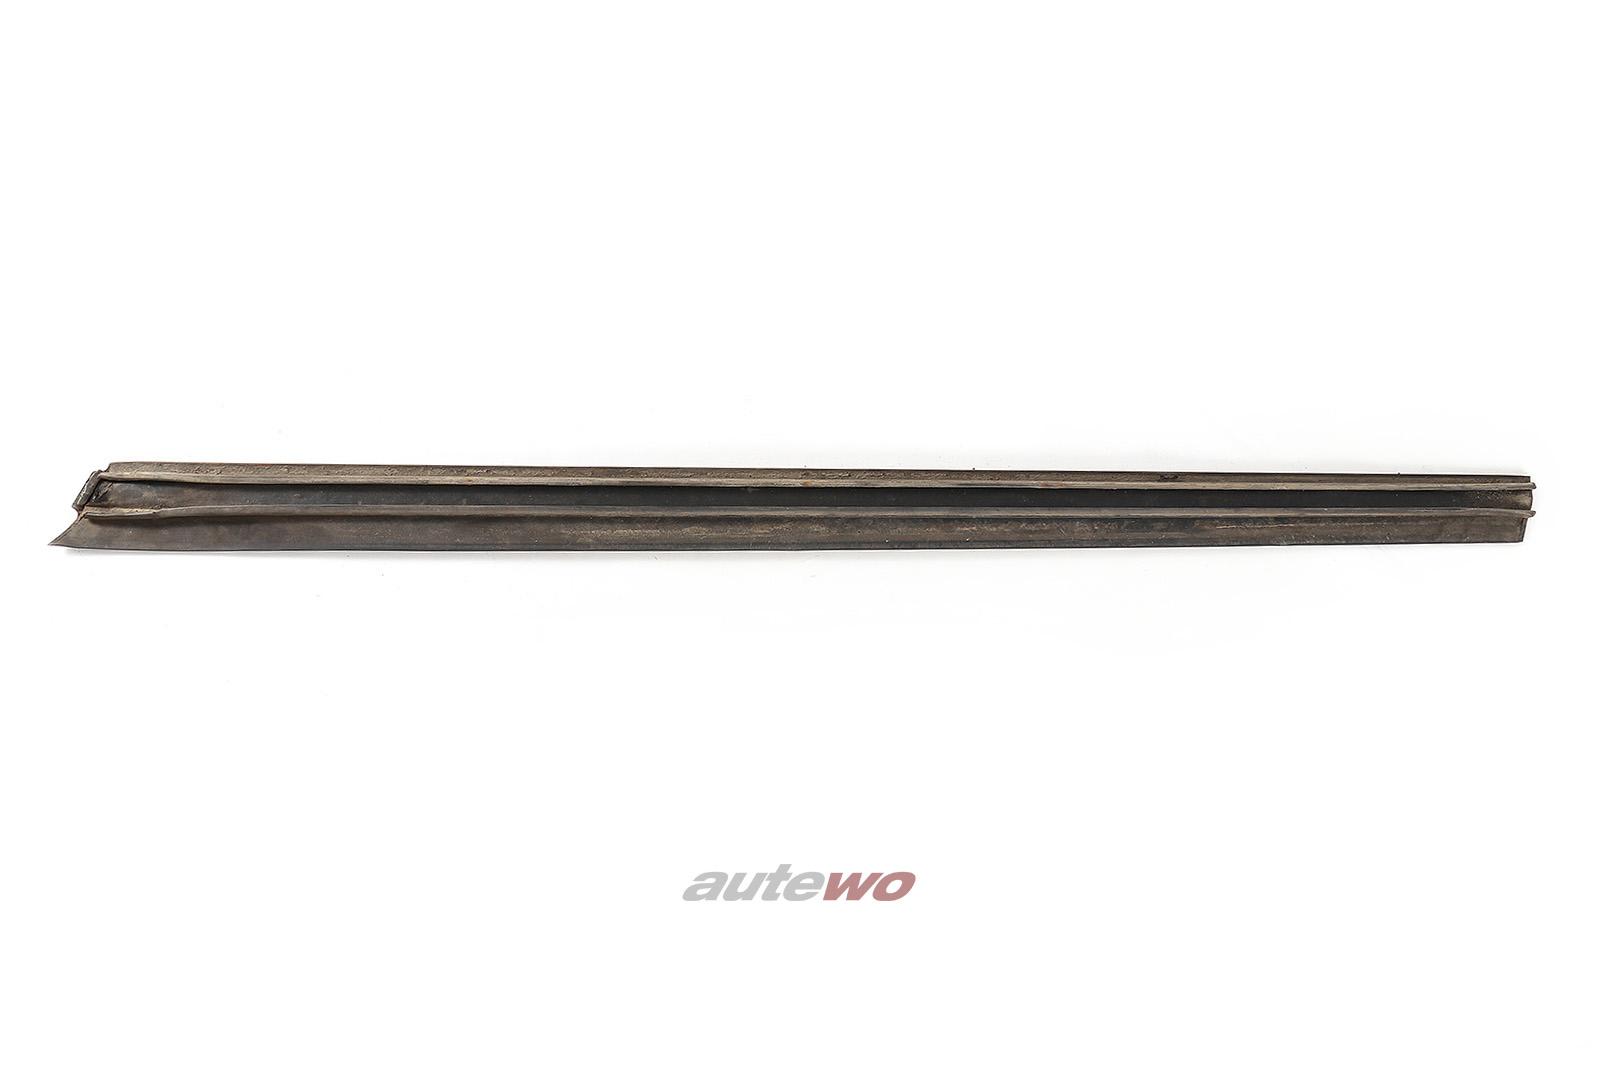 4a Audi 100 S4 A6 S6 C4 Turabschlussleiste Vorne